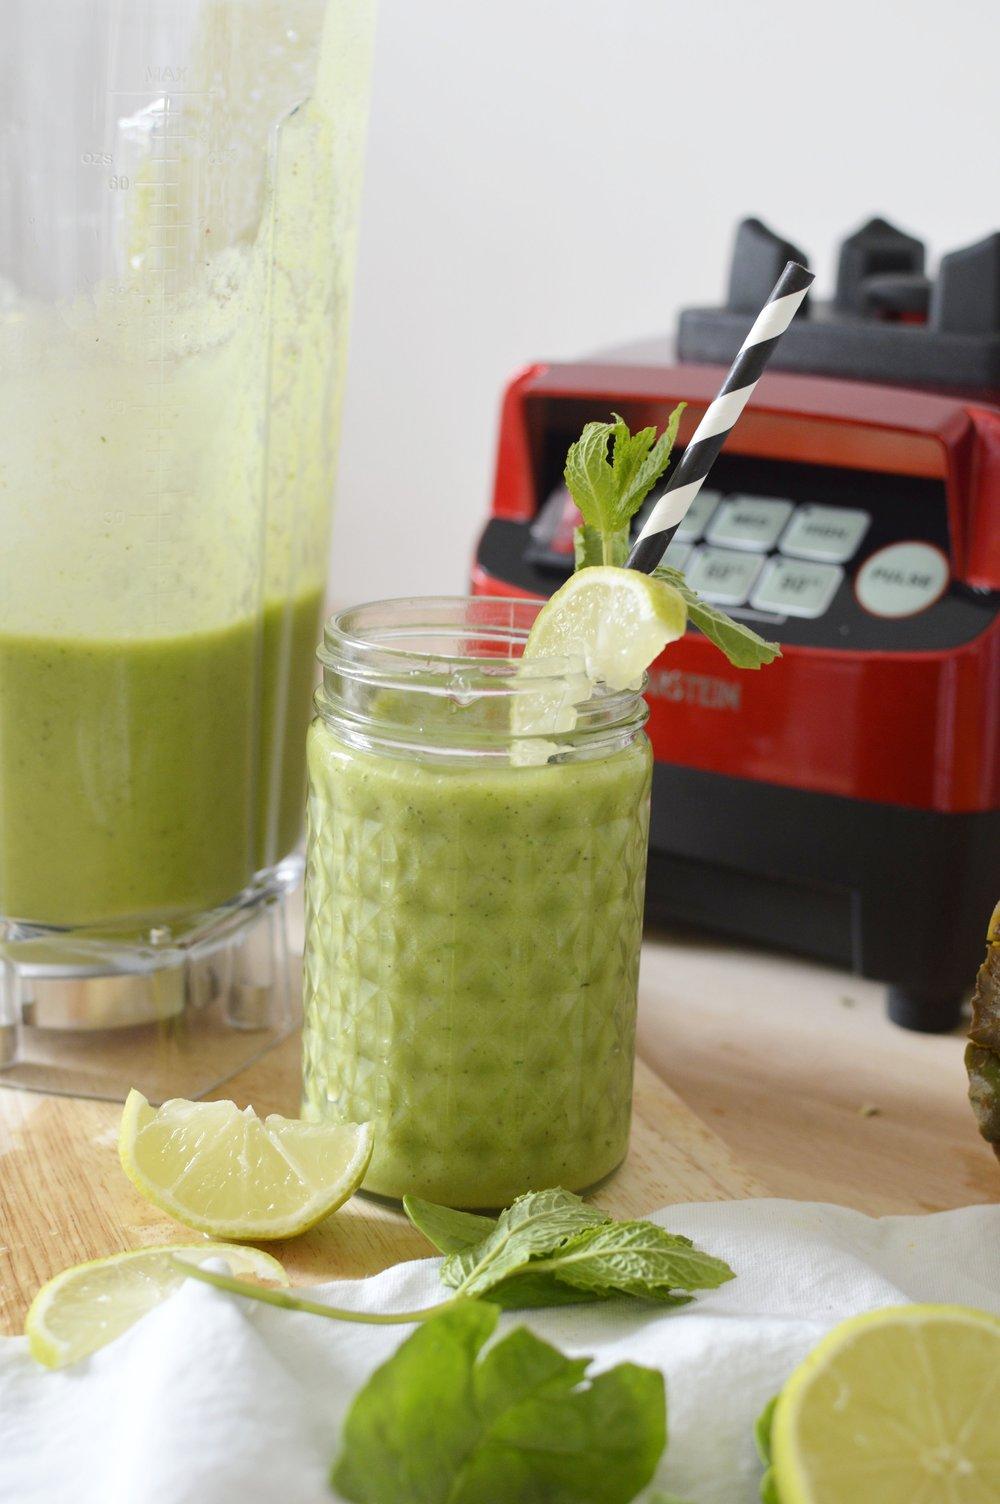 Tropical-Green-Smoothie-gesund-lecker-Rezept-frisch